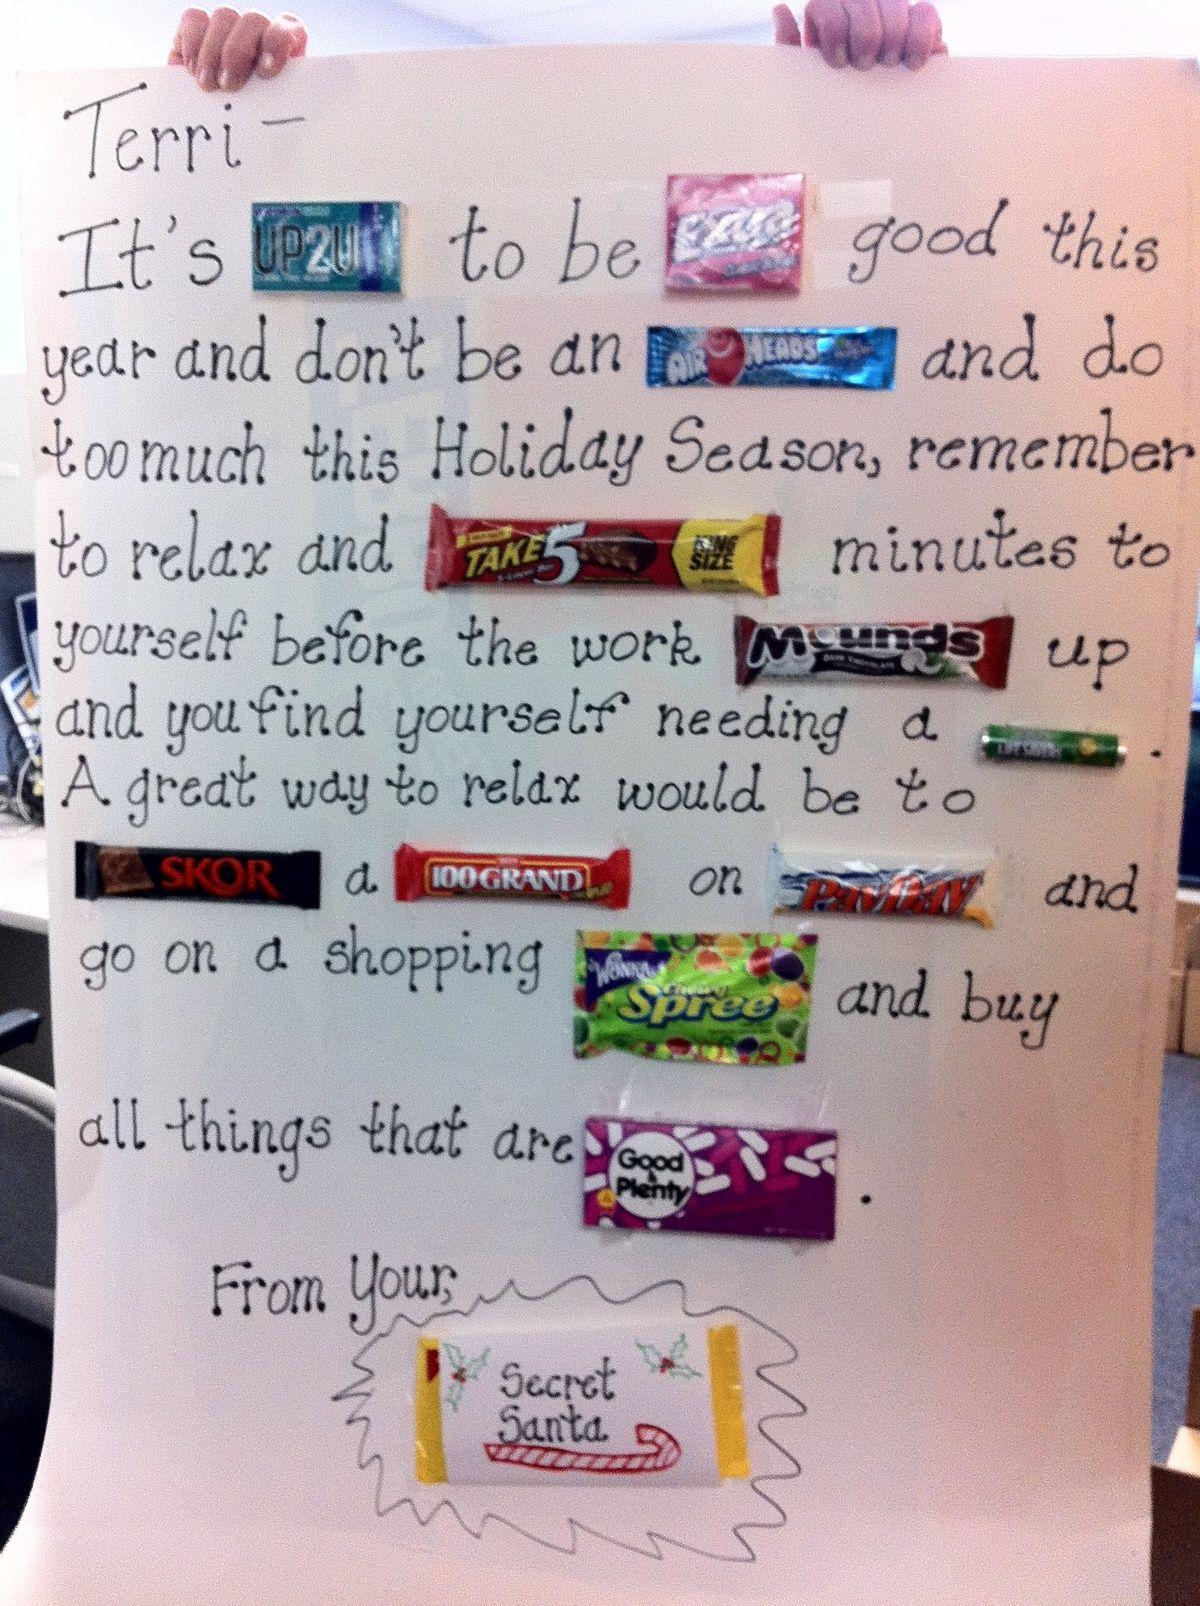 Candy bar letter for Secret Santa gift. | Crafts/Hacks